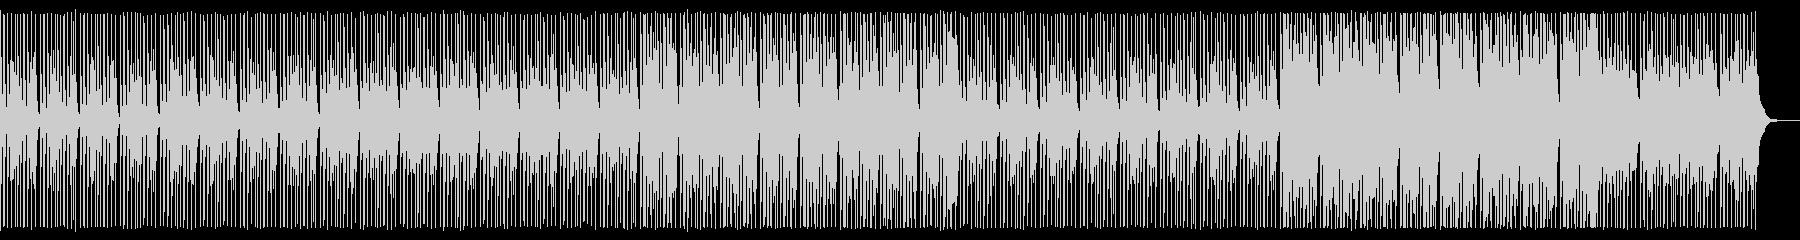 ニュース原稿読みBGM。ハウス/4つ打ちの未再生の波形